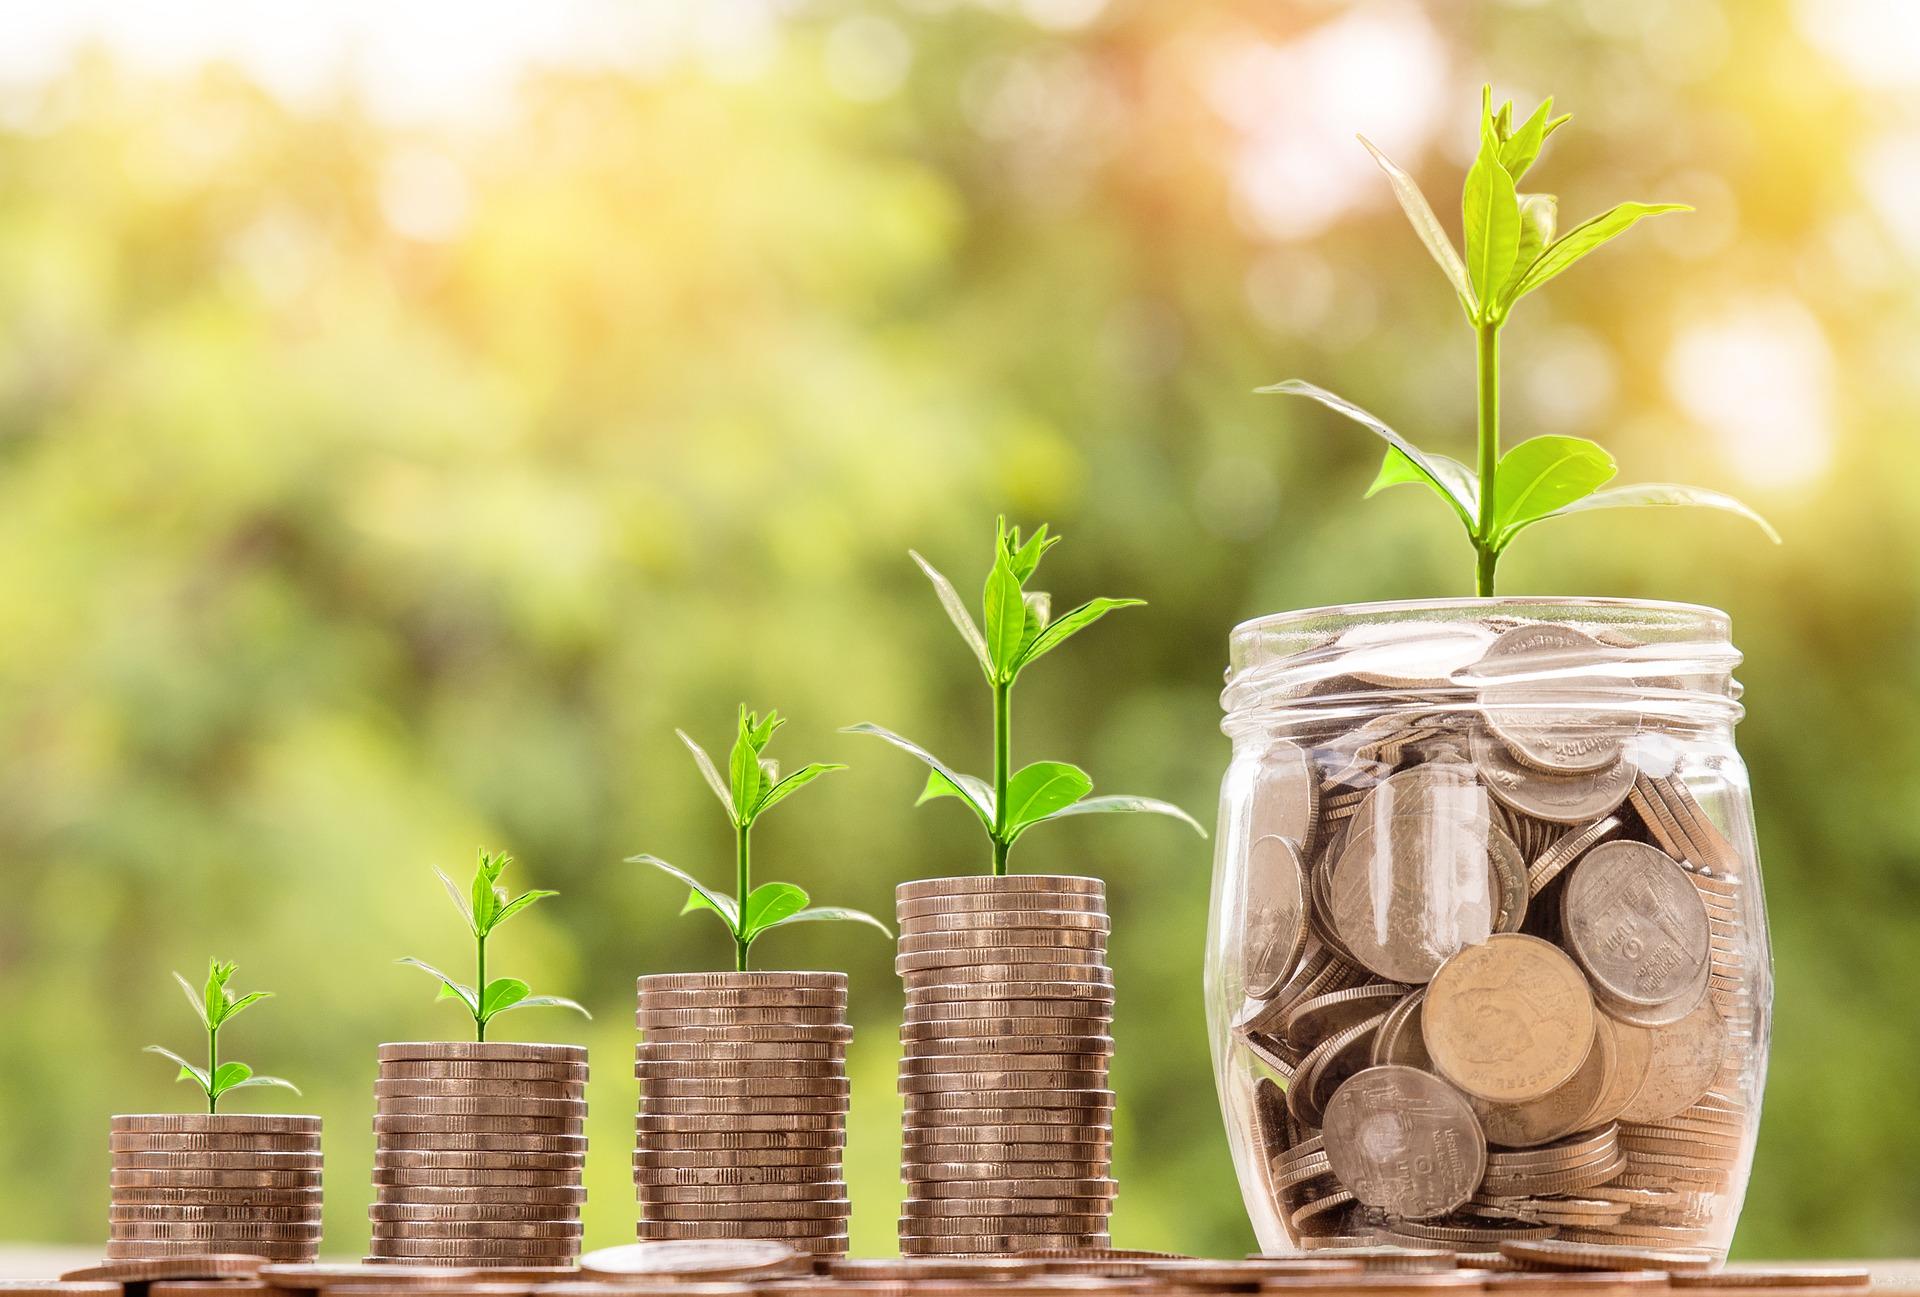 Kérdések - Válaszok a pénzfeladásról, pénzfelvételről